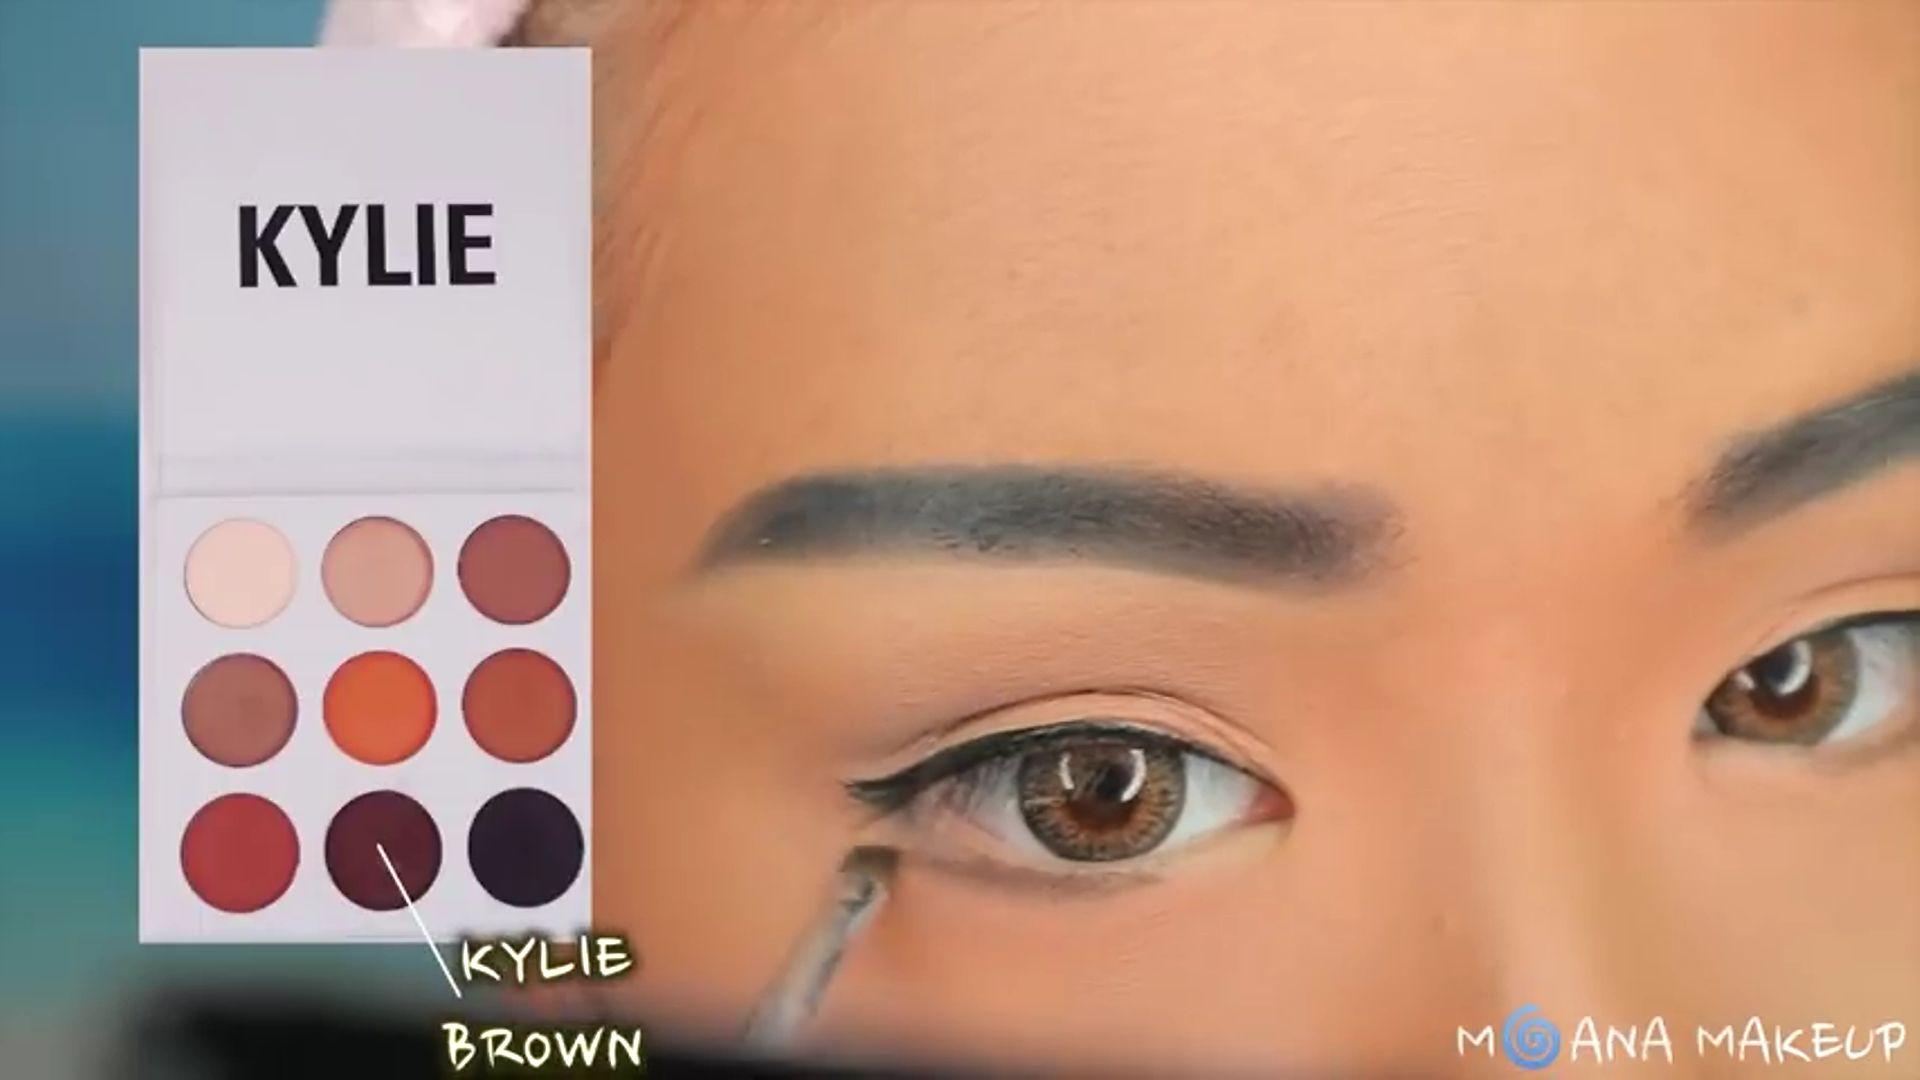 Maquíllate como Moana fukuse yuuriマリリン 2020. sombra marrón por debajo de la linea de agua